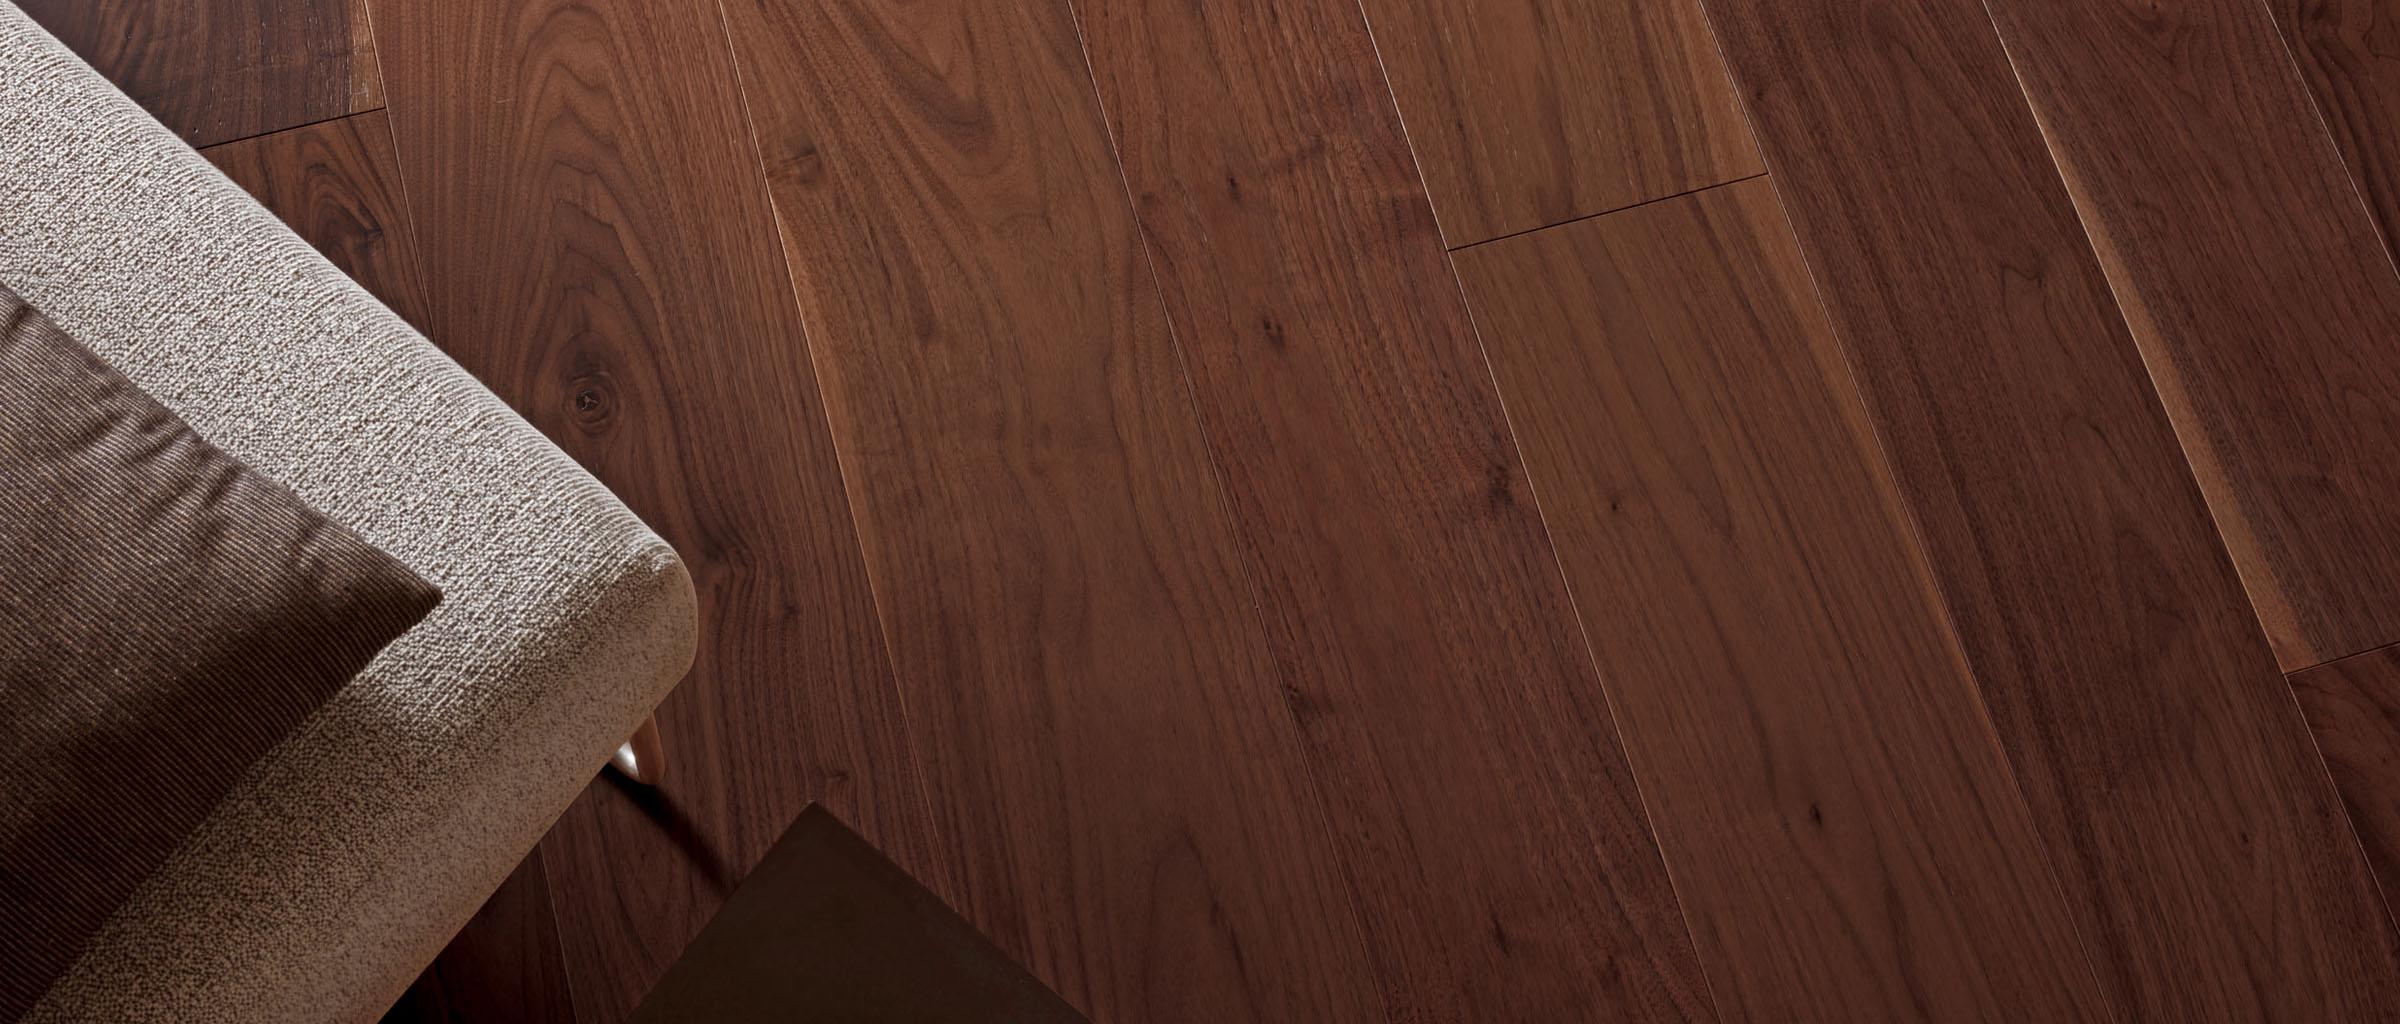 berti_pavimenti-legno_parquet_colori-scuri